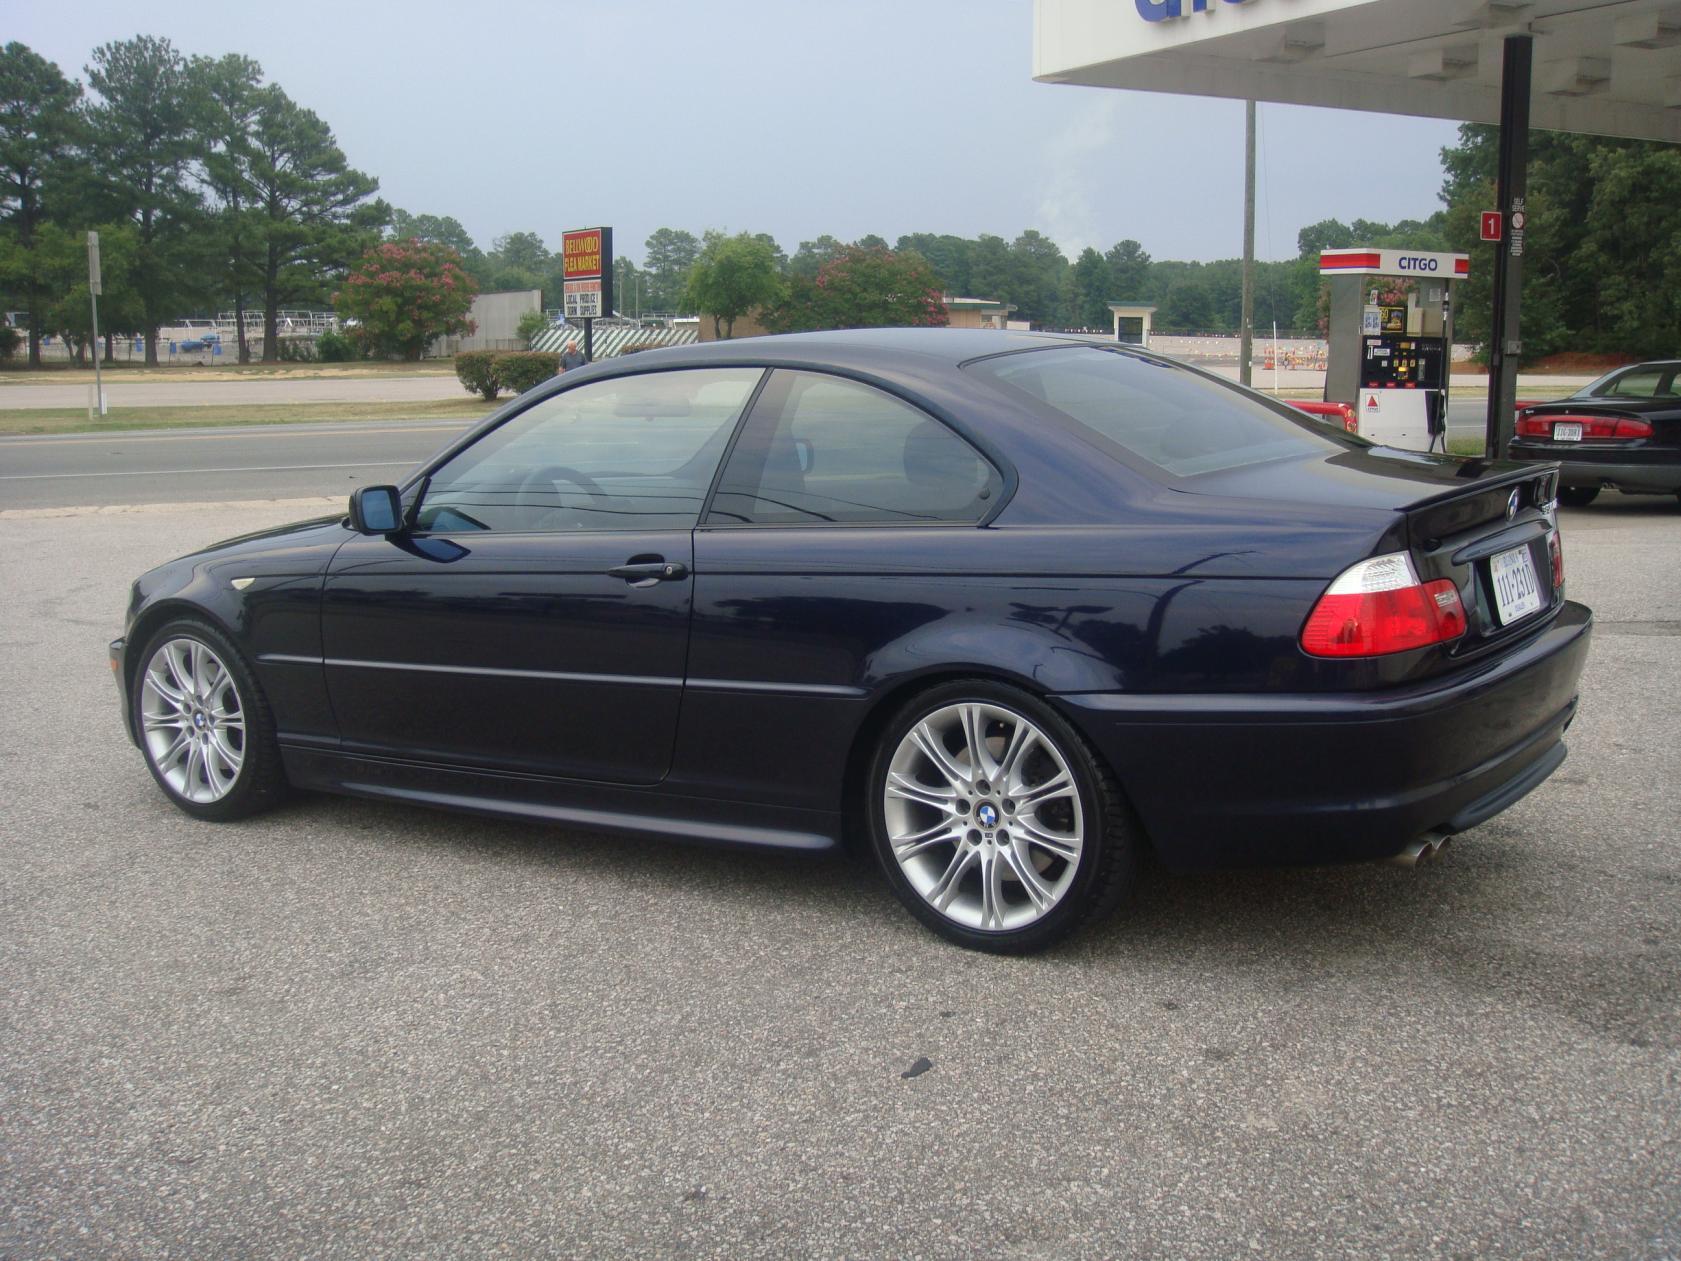 FS 2004 BMW 330Ci ZHP 64K Miles Active CPO  Mtnc